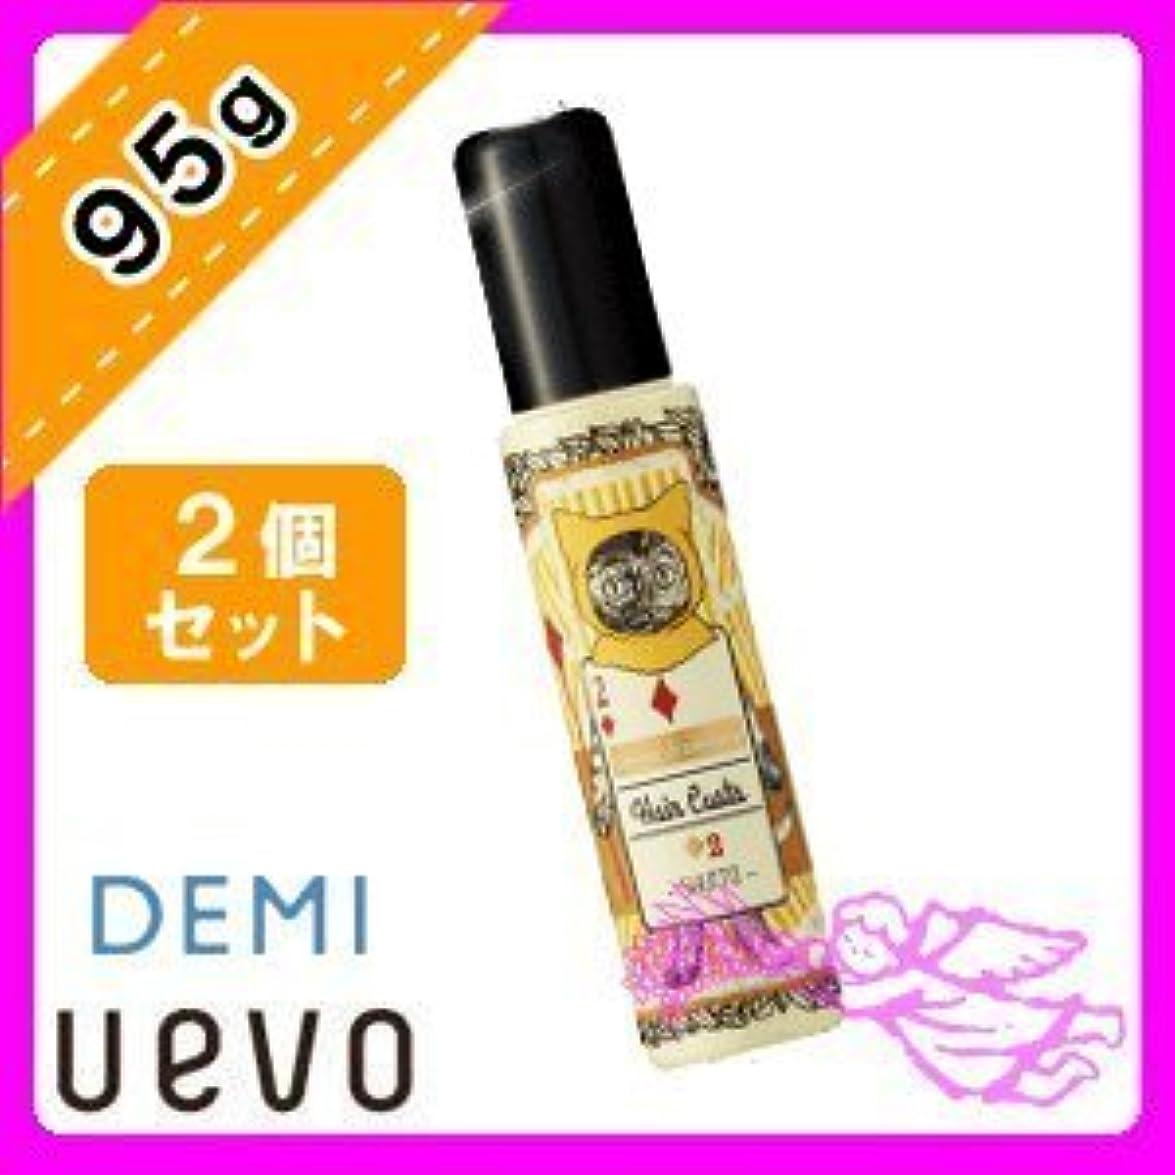 石膏おとなしい解放するデミ ウェーボ ジュカーラ ヘアカスタ 2 / 95g × 2個 セット Demi Uevo Jouecara